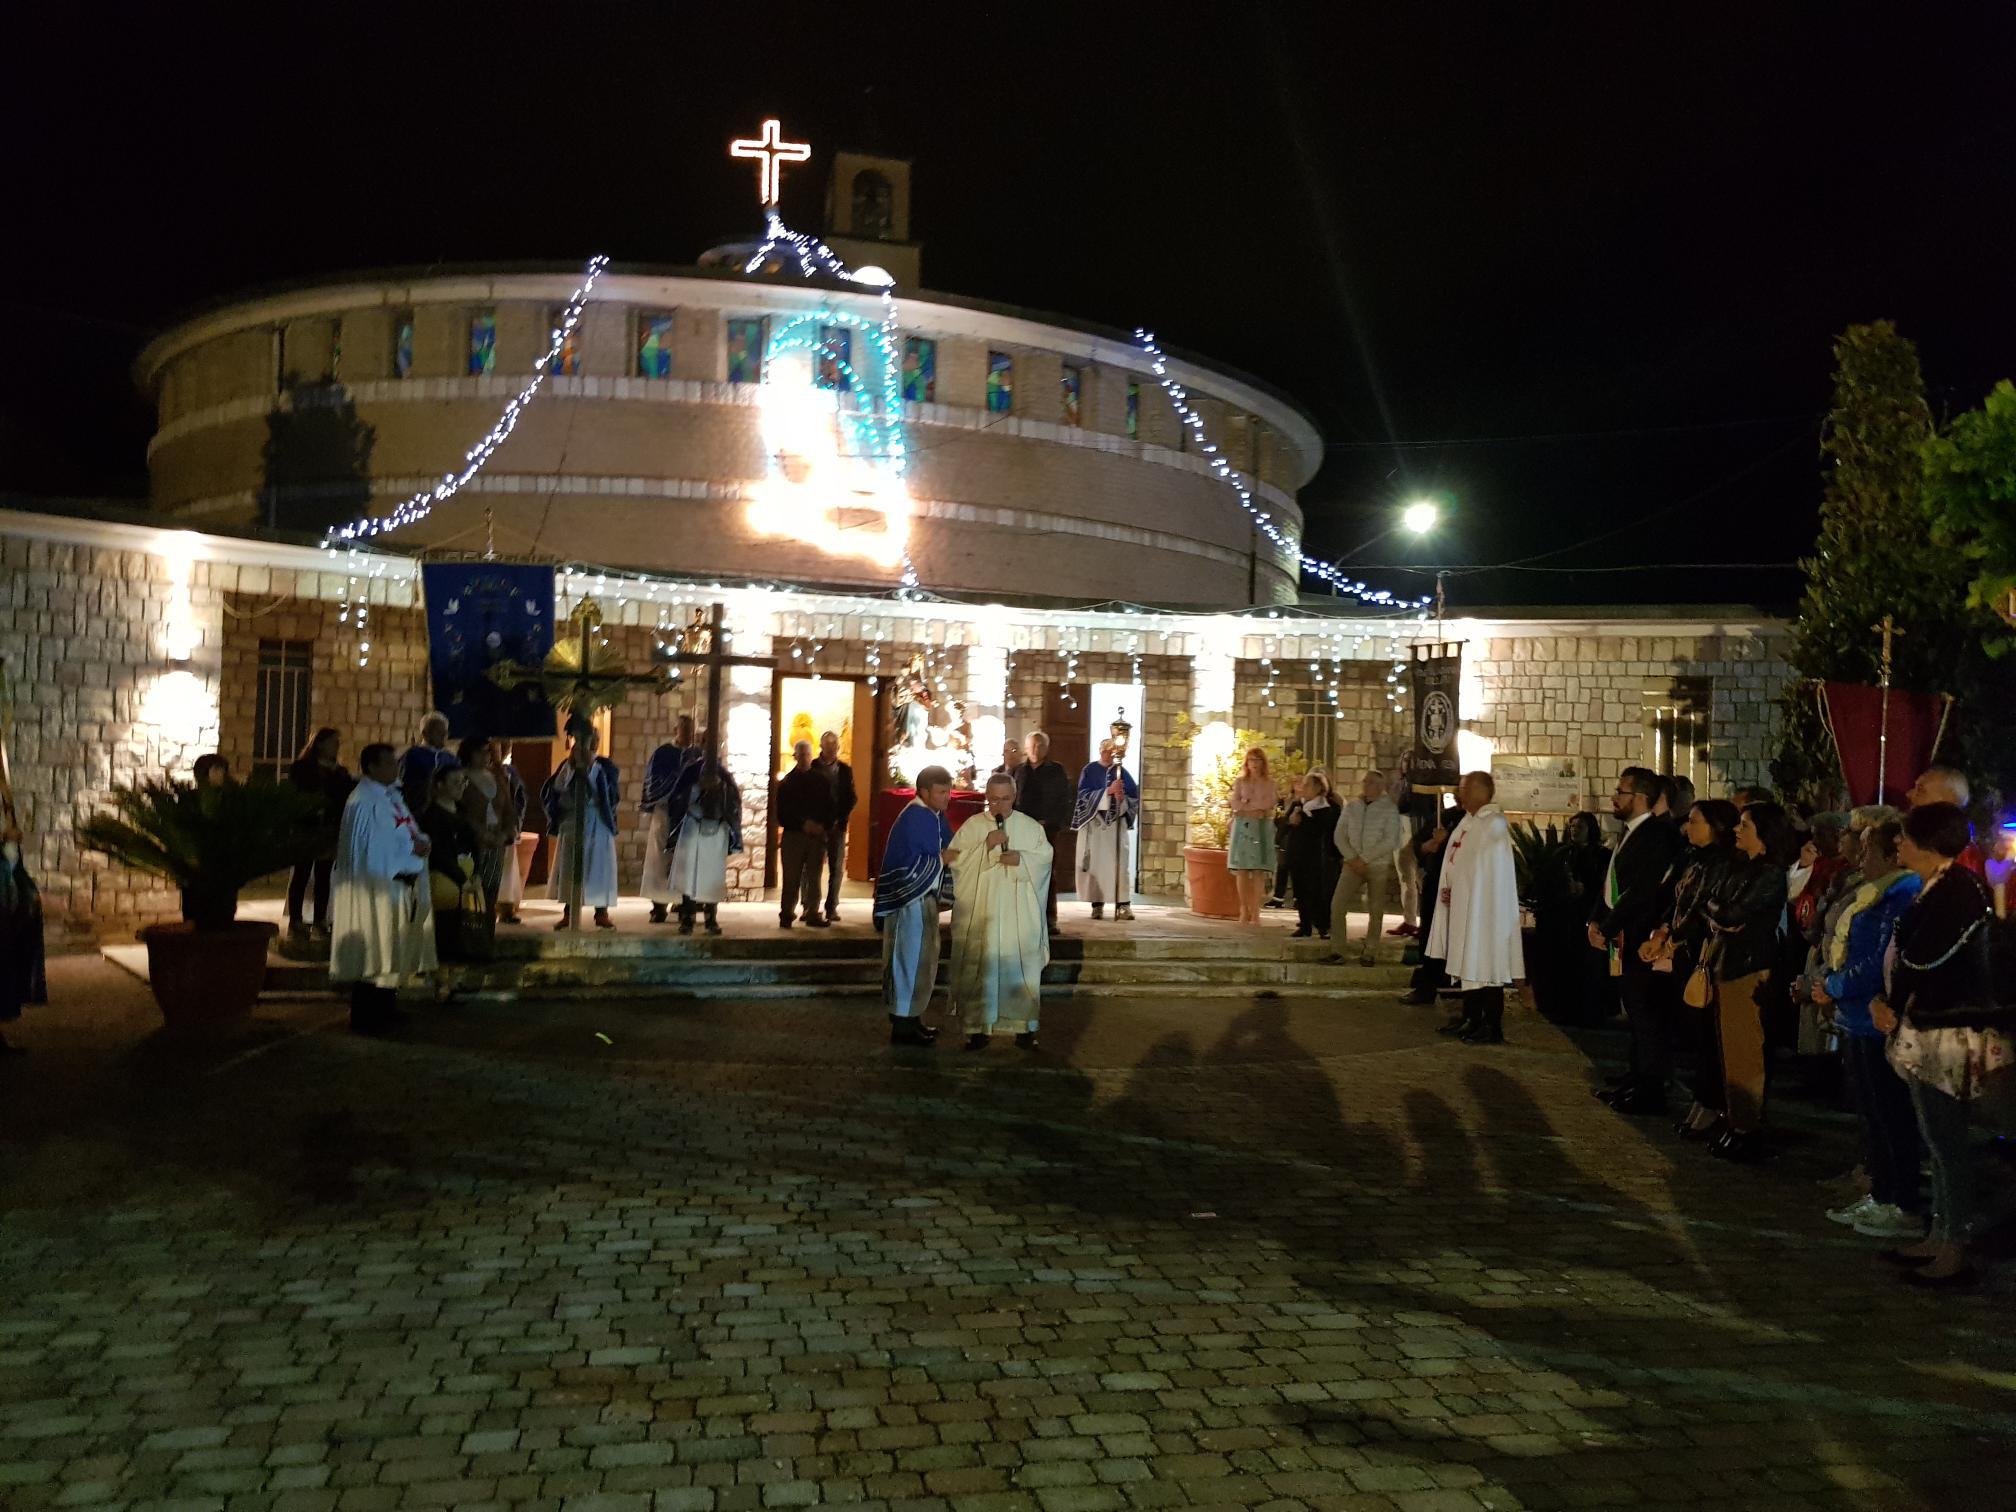 Festa di San Filippo Neri – Santa Messa e Processione a Villa San Filippo (MC) 25 mag 2019